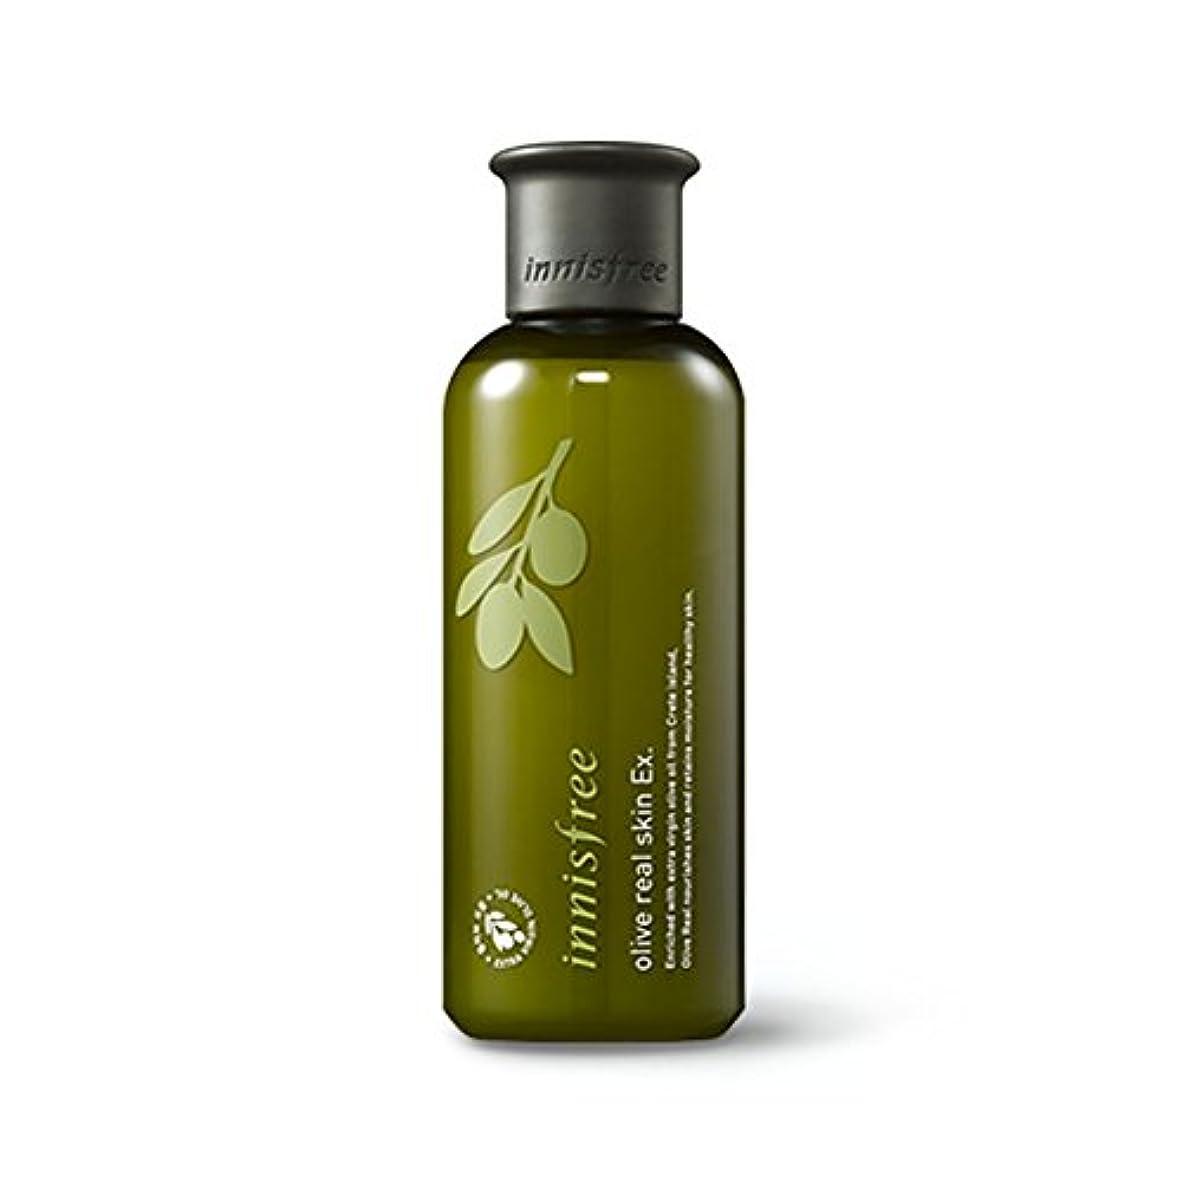 ヒョウ赤面地下室イニスフリーオリーブリアルスキン 200ml Innisfree Olive Real Skin Ex. 200ml [海外直送品][並行輸入品]